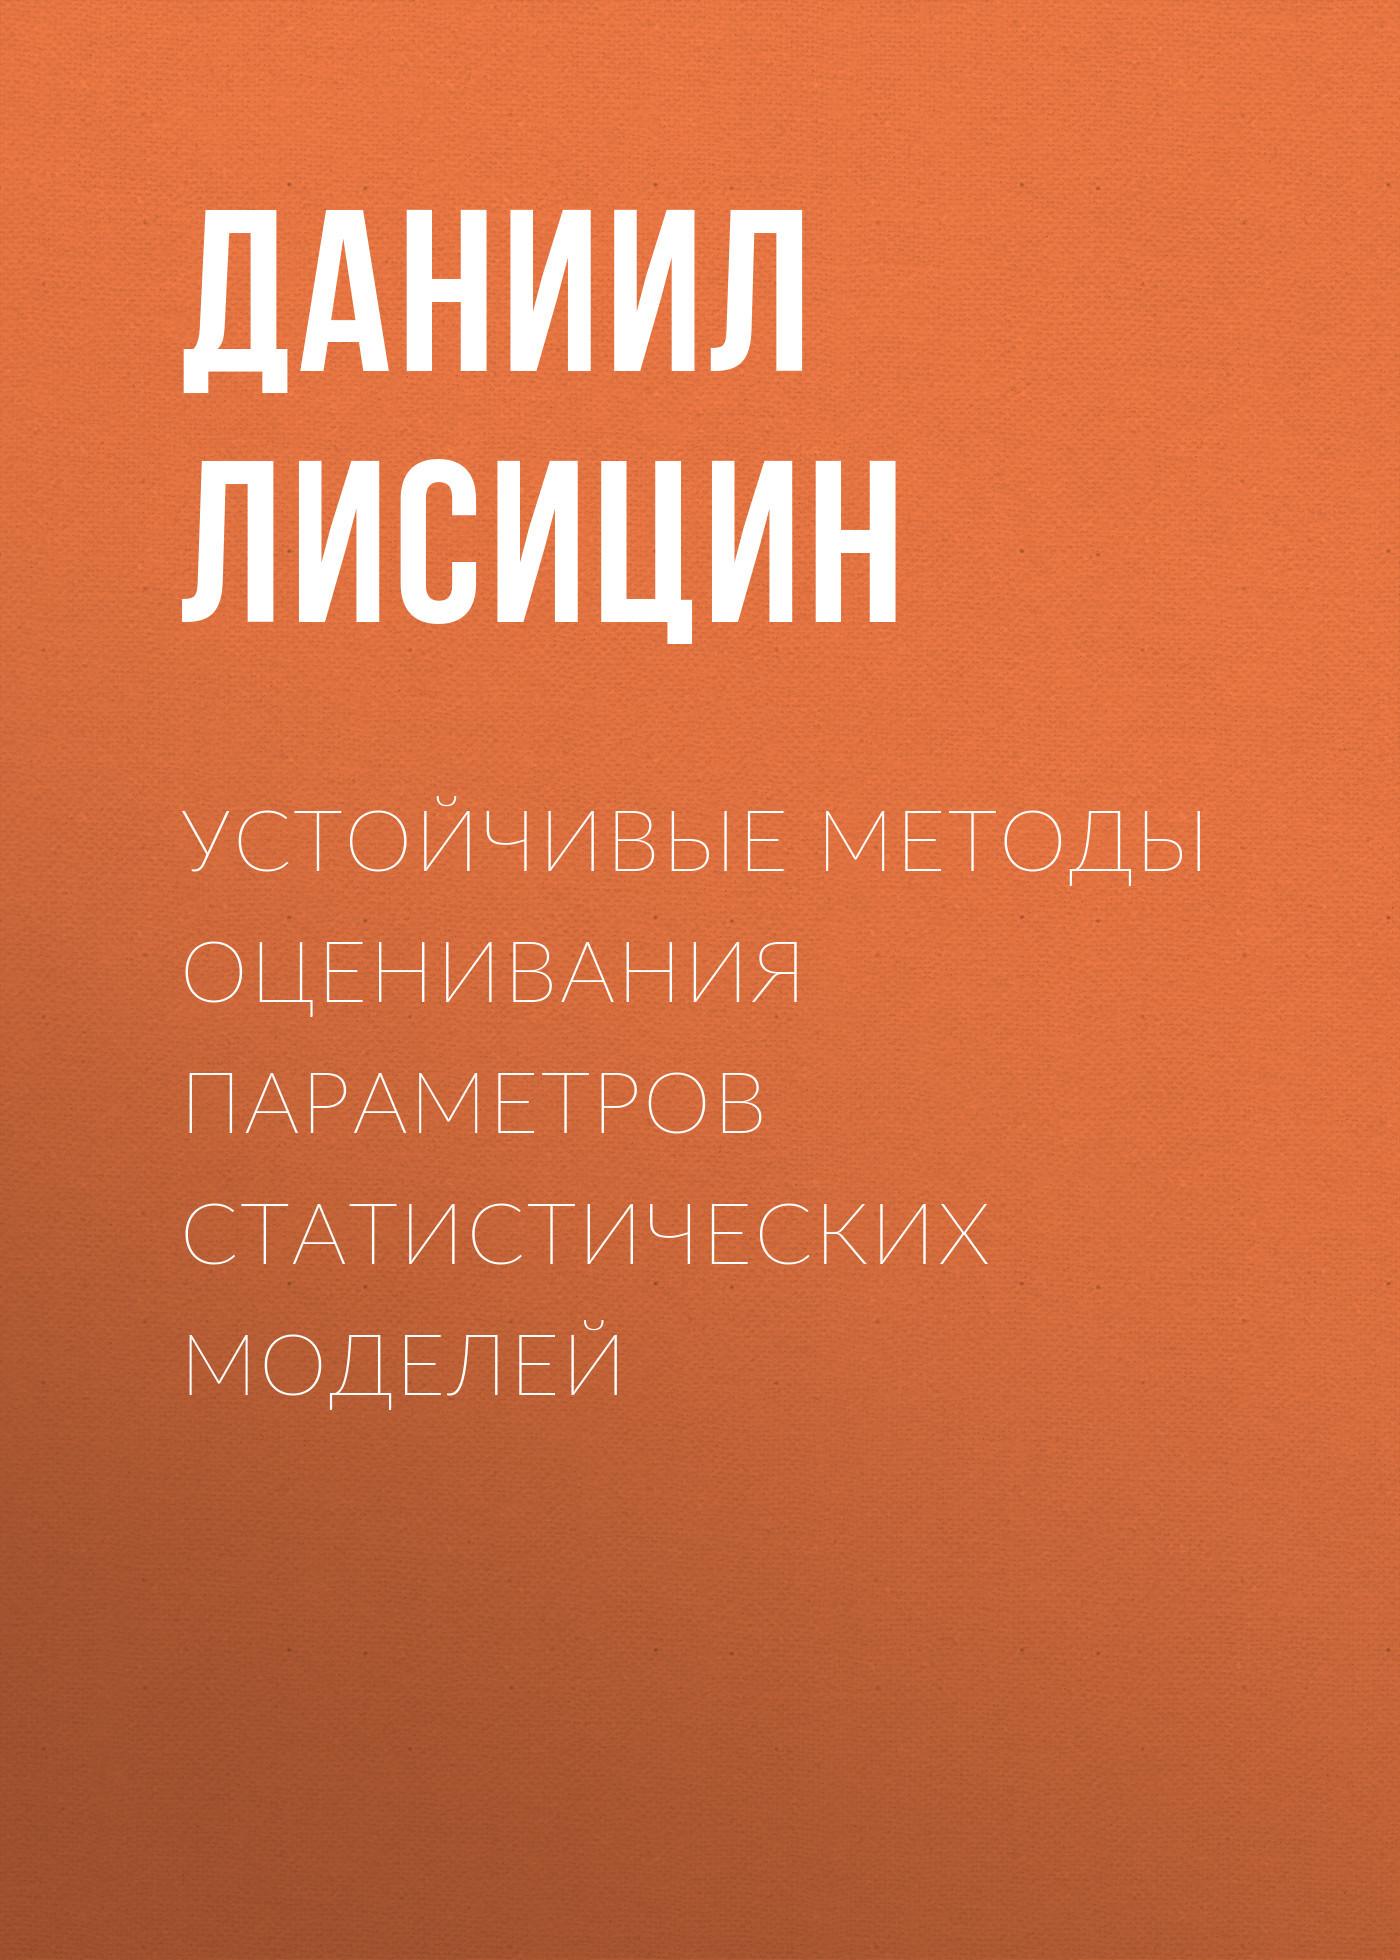 Даниил Лисицин бесплатно